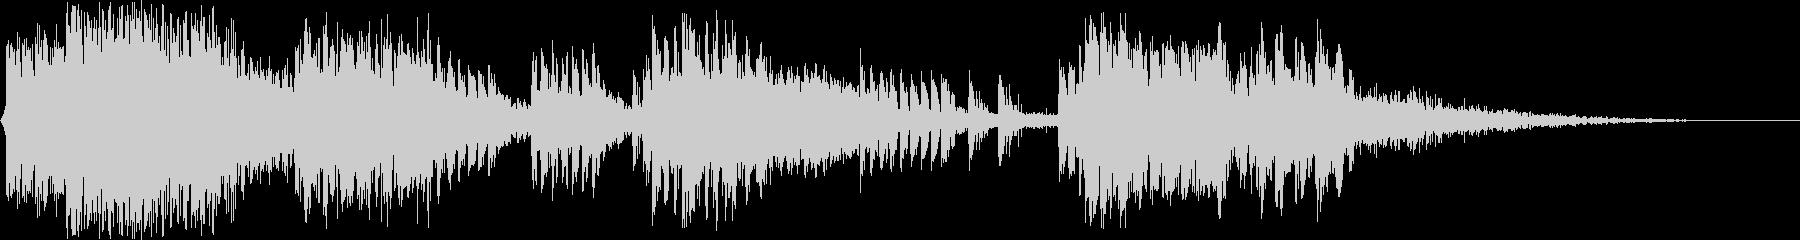 マシンガンバトル:ヘビーガンファイアの未再生の波形